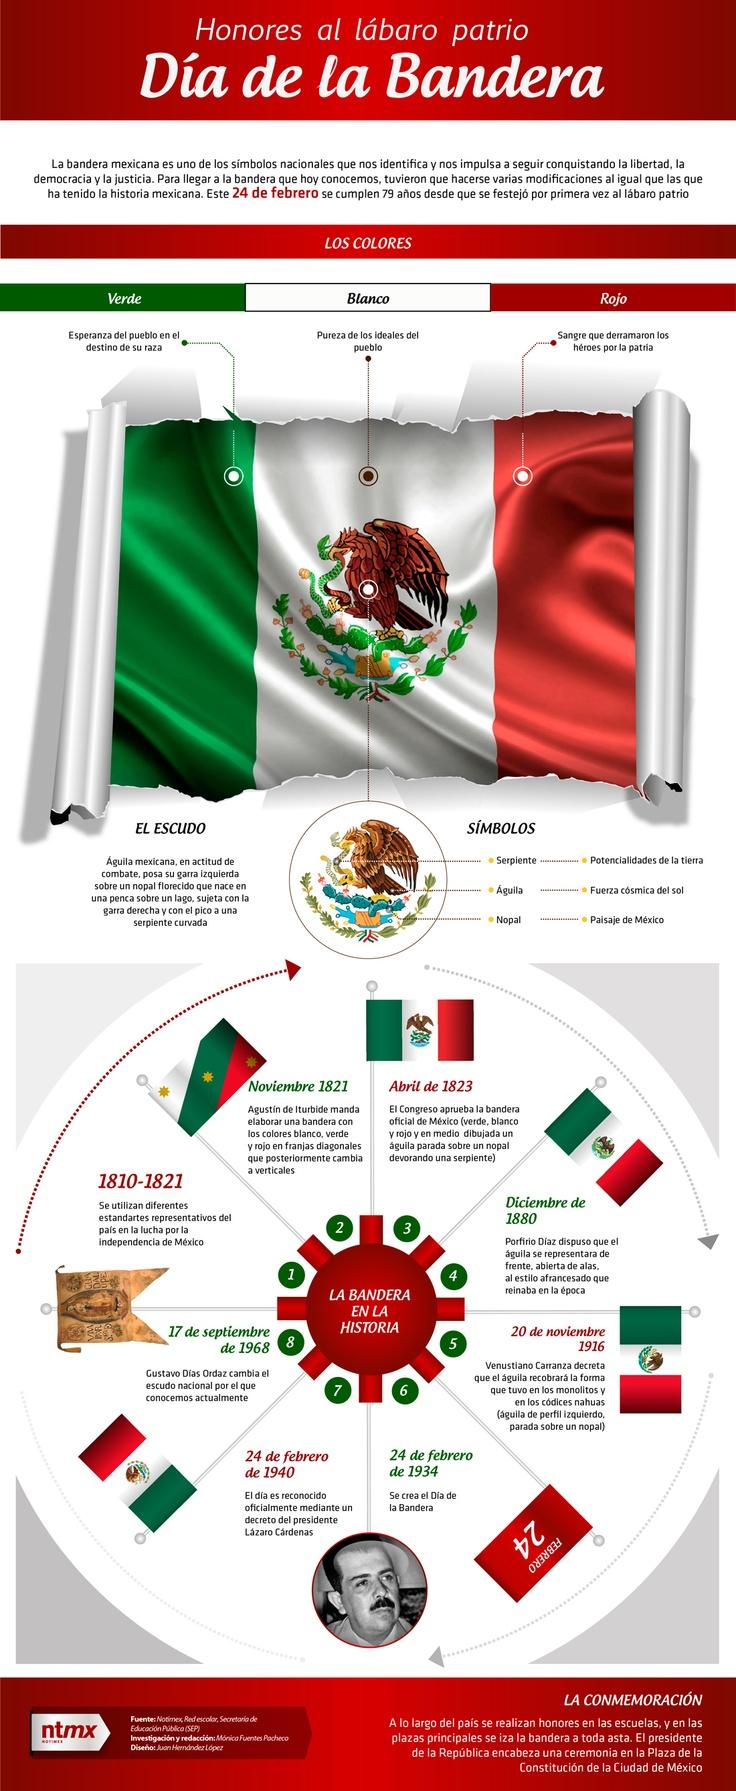 Hoy se celebra el Día de la Bandera mexicana, uno de nuestros símbolos patrios. Su versión actual fue aprobada en abril de 1823.